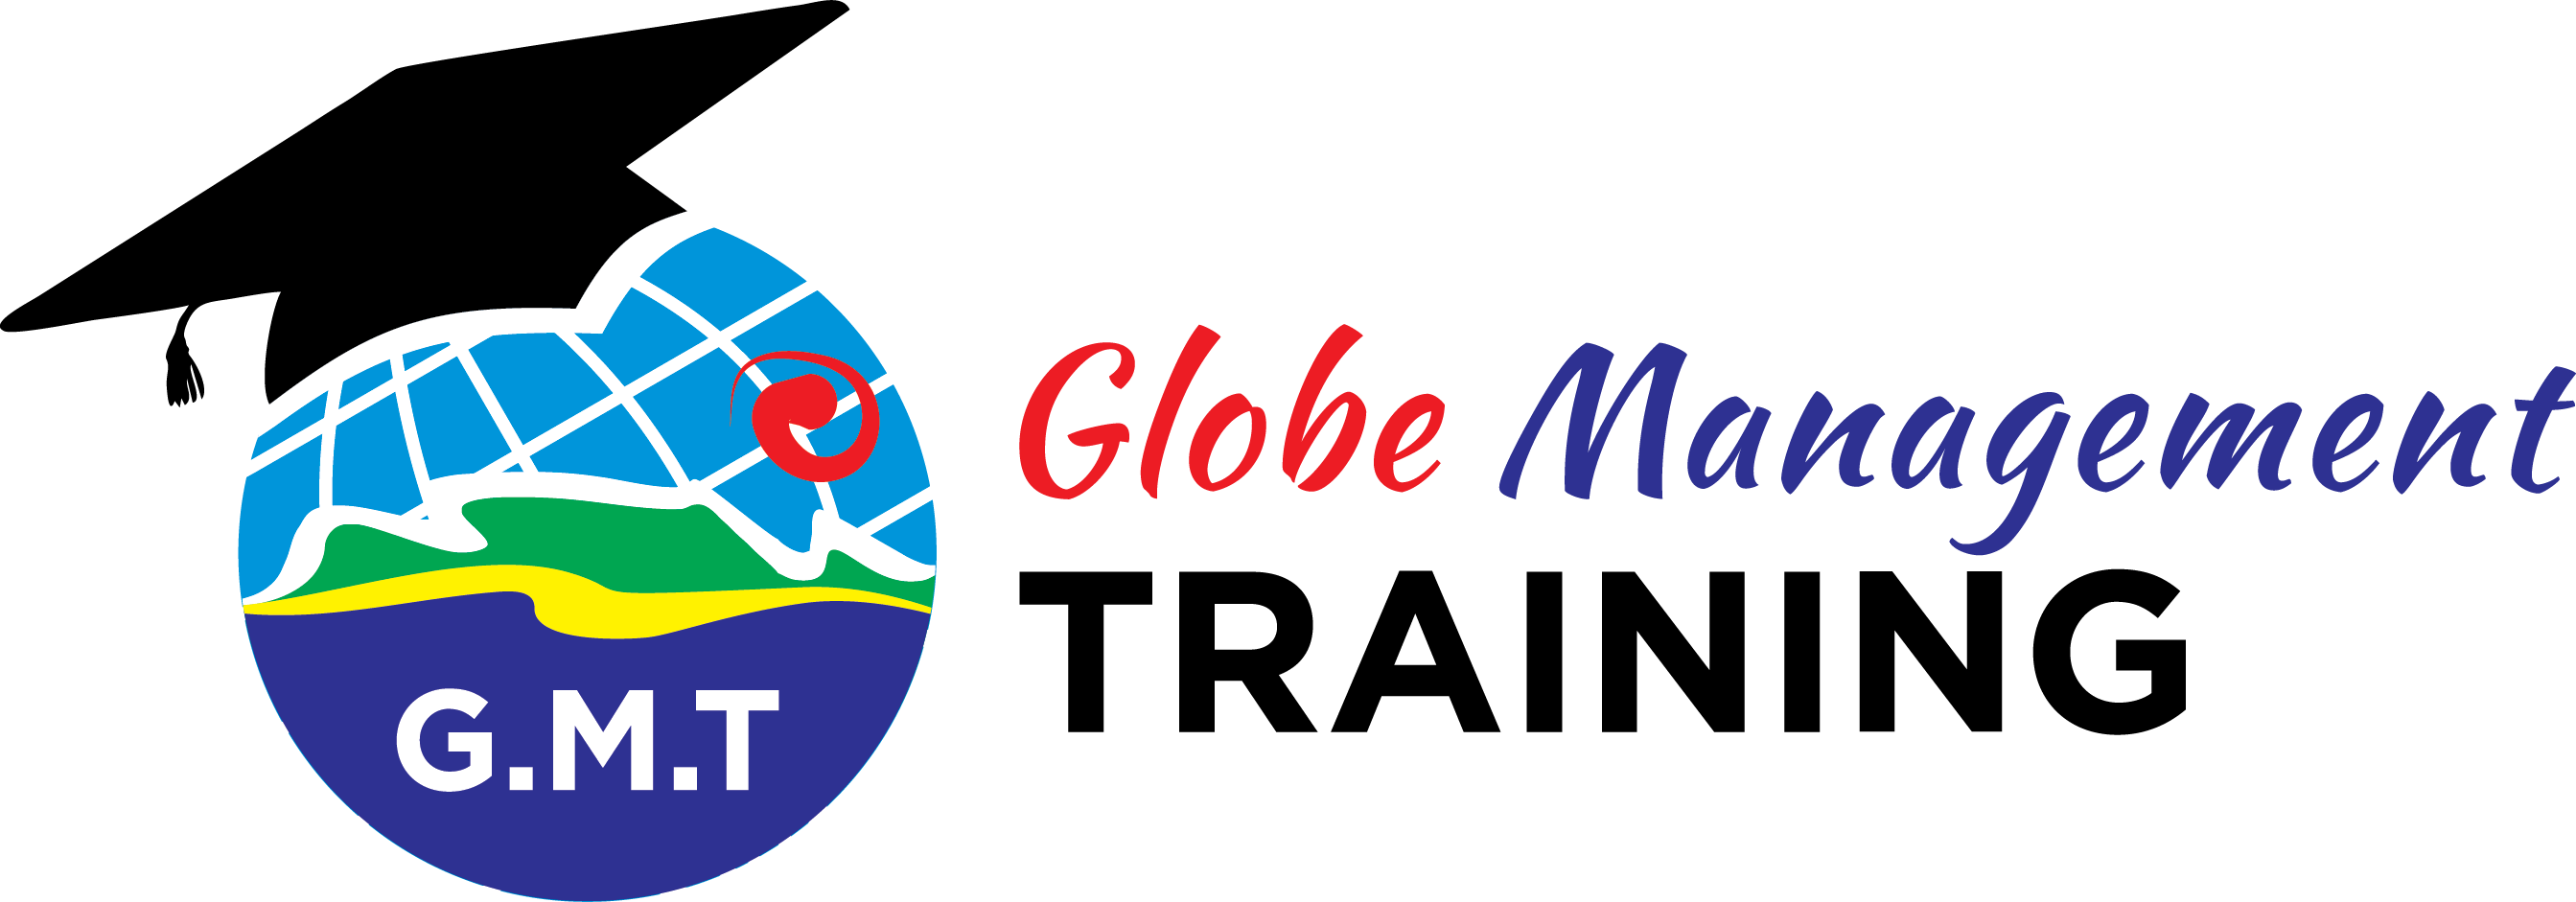 Globe Management Training